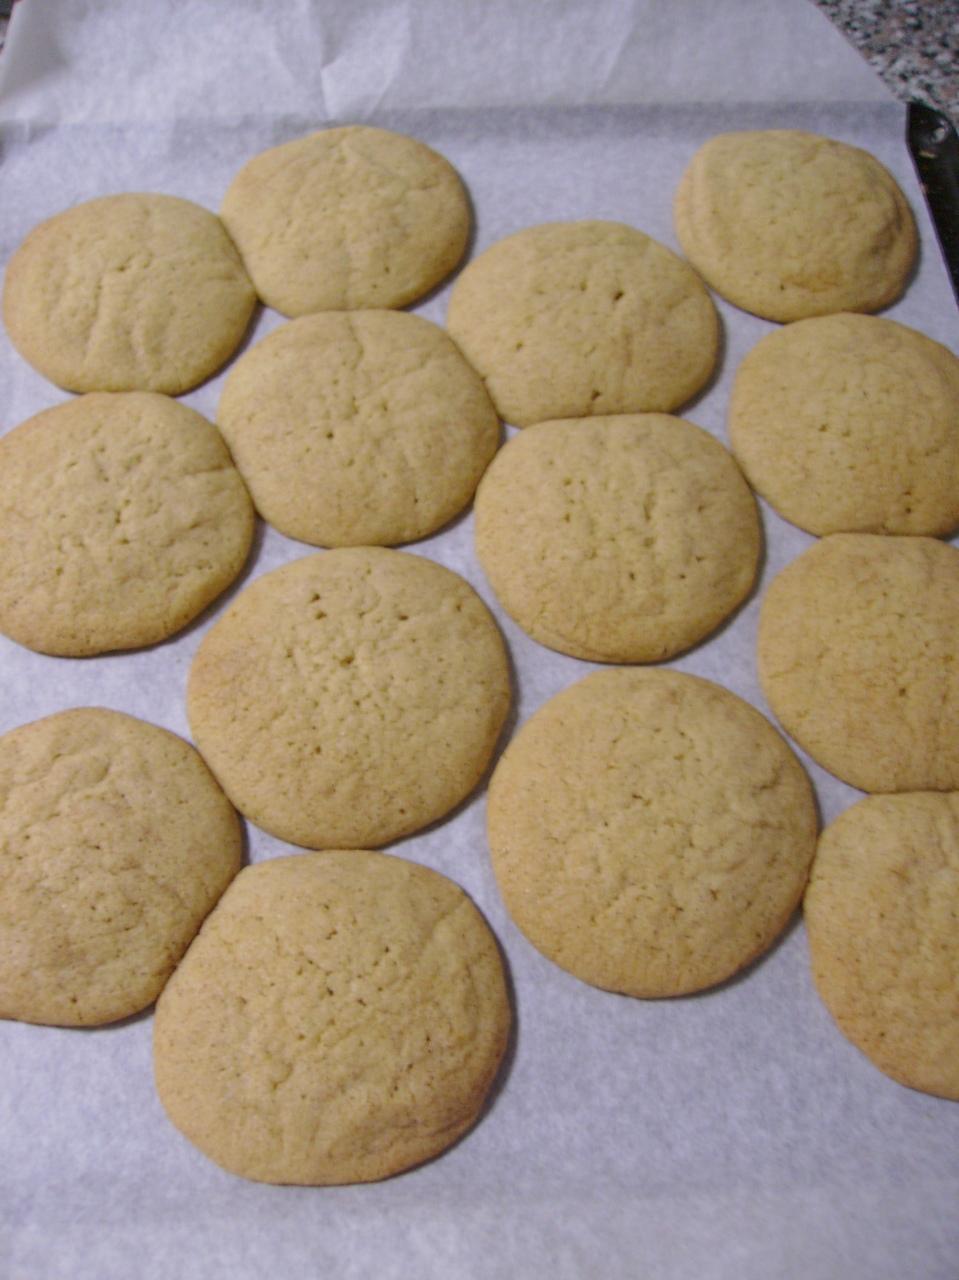 mmmm biscuits